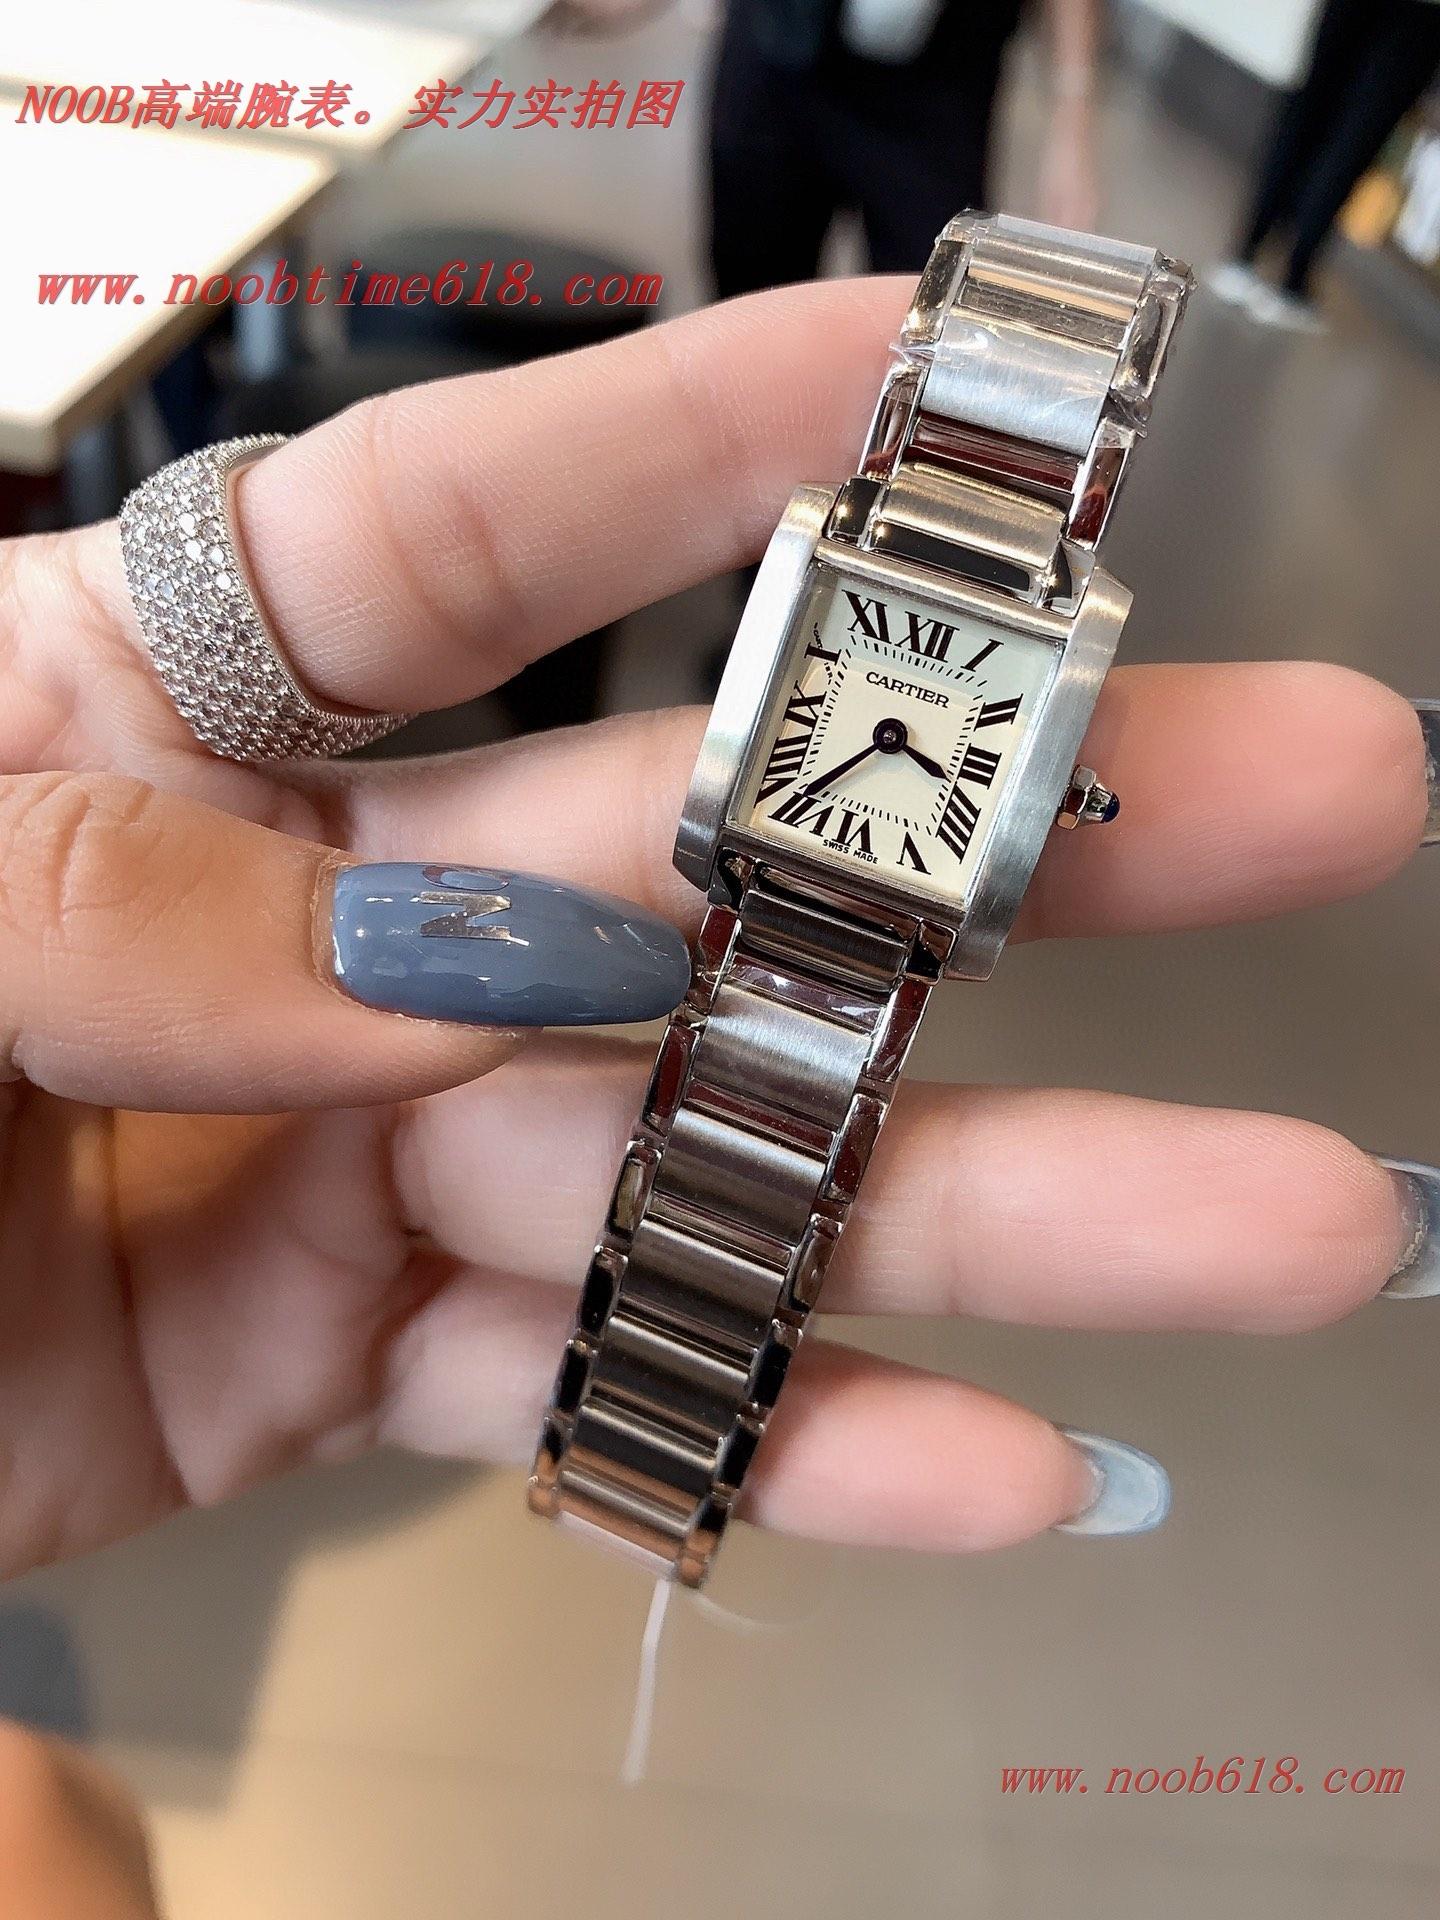 仿錶,精仿錶,複刻錶卡地亞1996年推出的法國坦克系列,N廠手錶